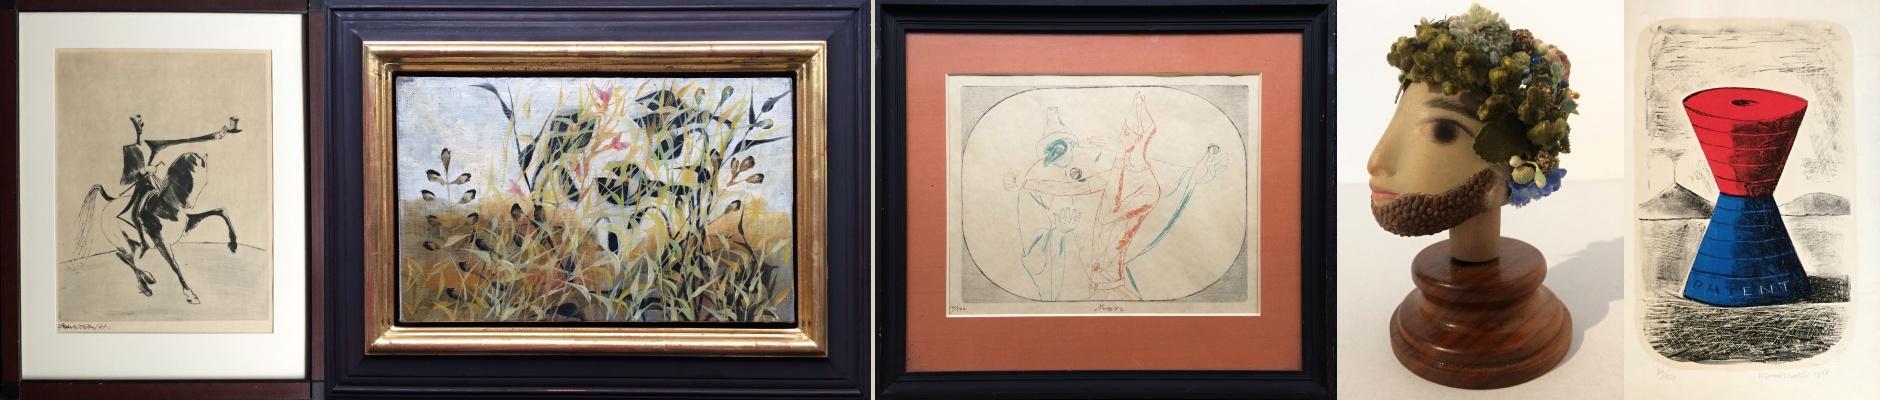 Výstava děl k XI. aukci Galerie Lazarská